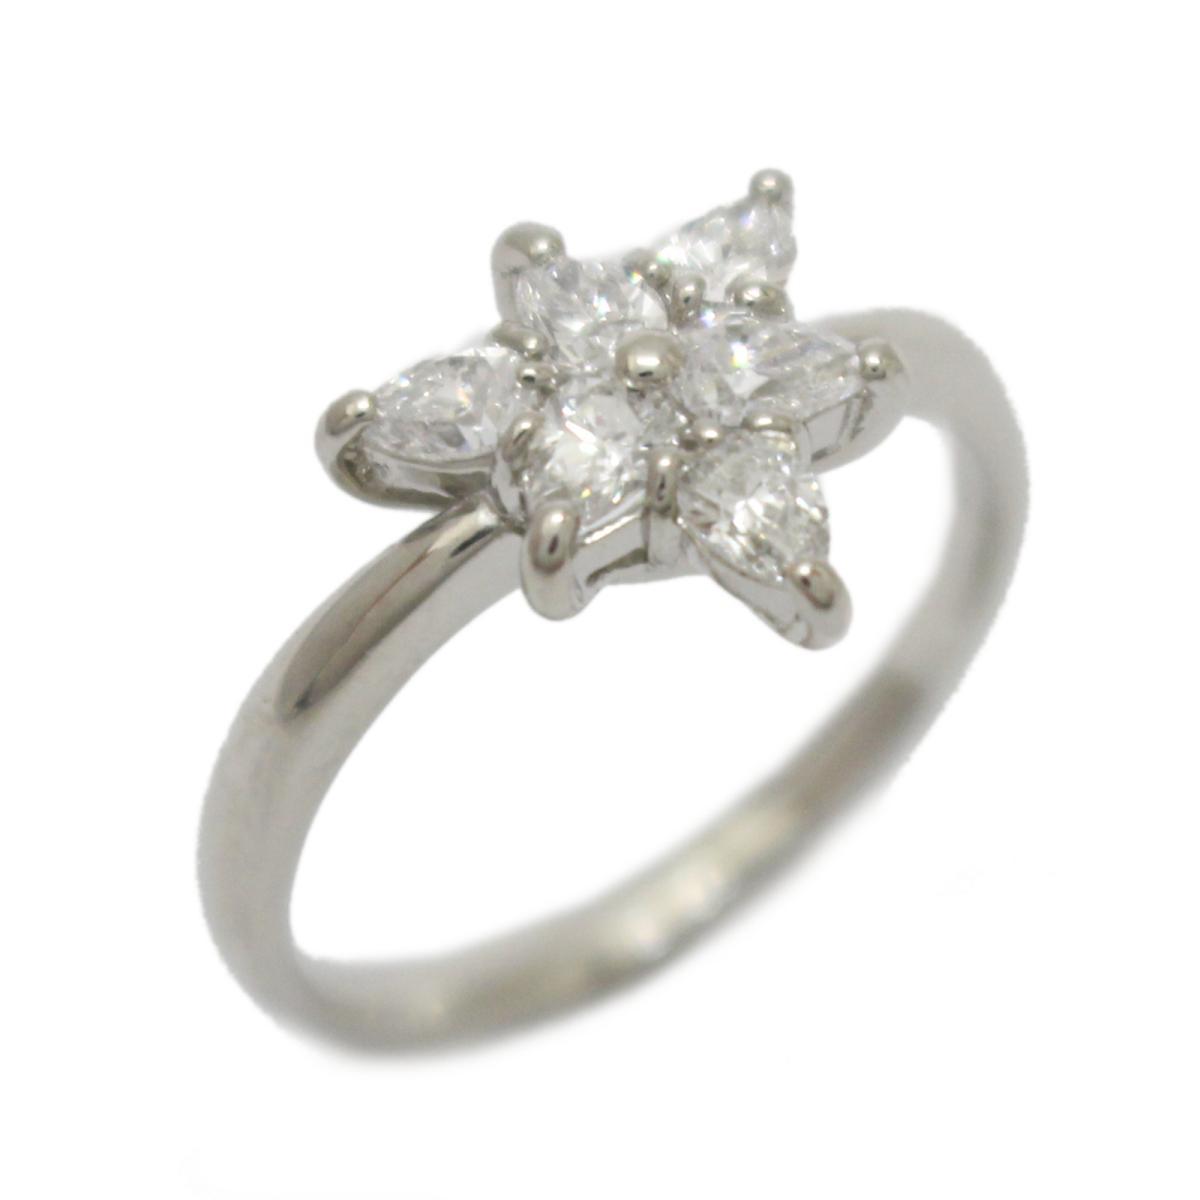 【中古】 ジュエリー ダイヤモンド リング 指輪 レディース PT900 プラチナ x (0.67ct) | JEWELRY BRANDOFF ブランドオフ ブランド アクセサリー